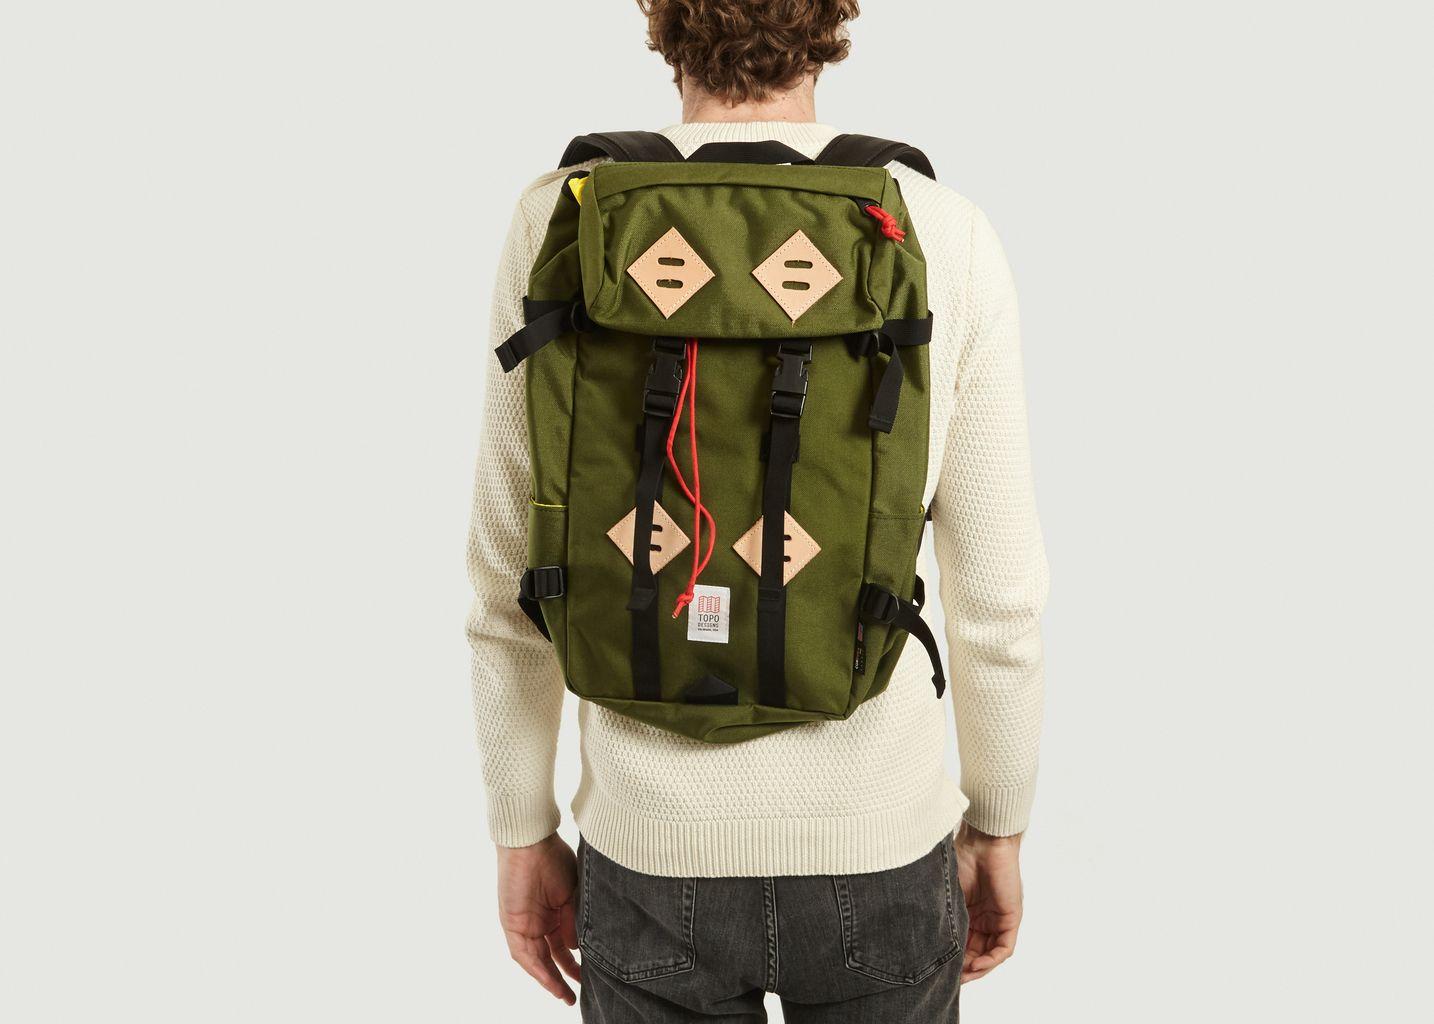 Sac à dos Klettersack - Topo Designs